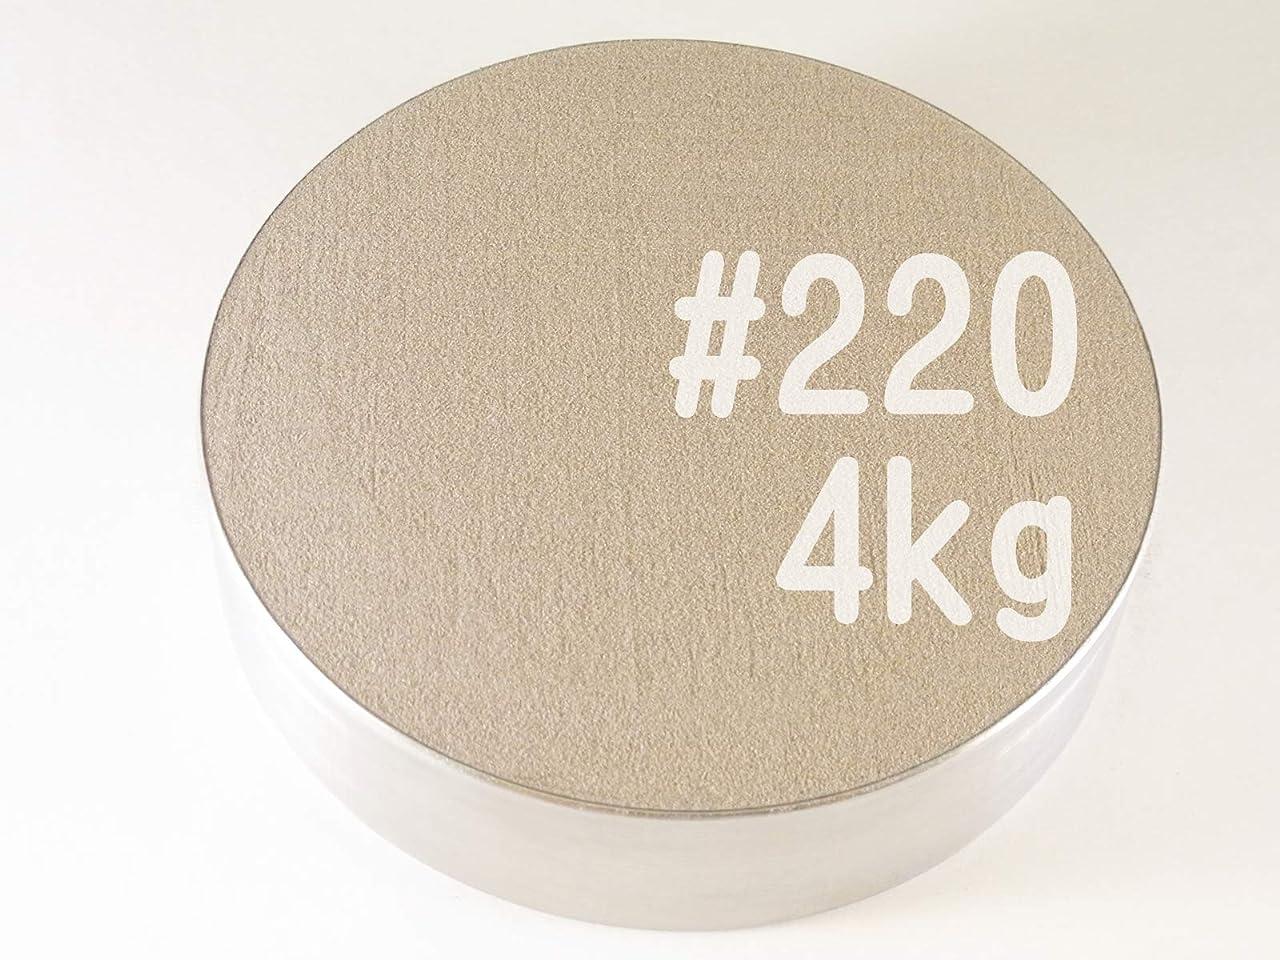 やりすぎ意見アラバマ#220 (4kg) アルミナサンド/アルミナメディア/砂/褐色アルミナ サンドブラスト用(番手サイズは7種類から #40#60#80#100#120#180#220 )